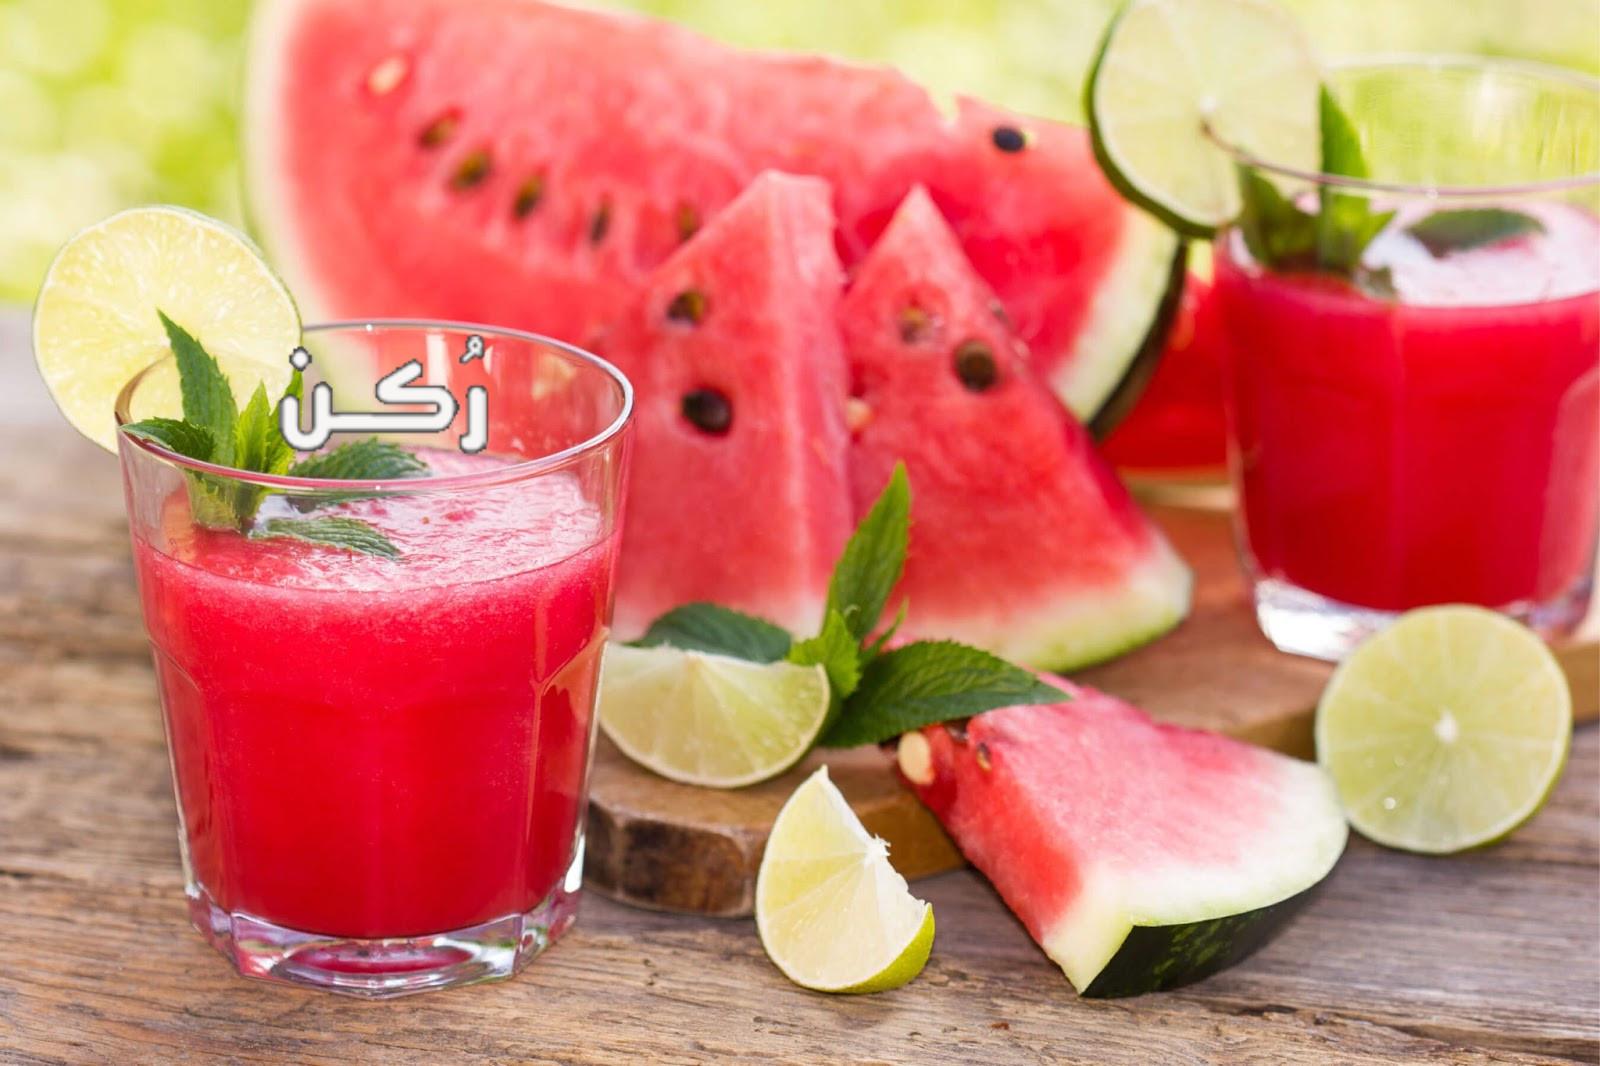 فوائد عصير البطيخ للرجيم والبشرة والشعر والمعدة